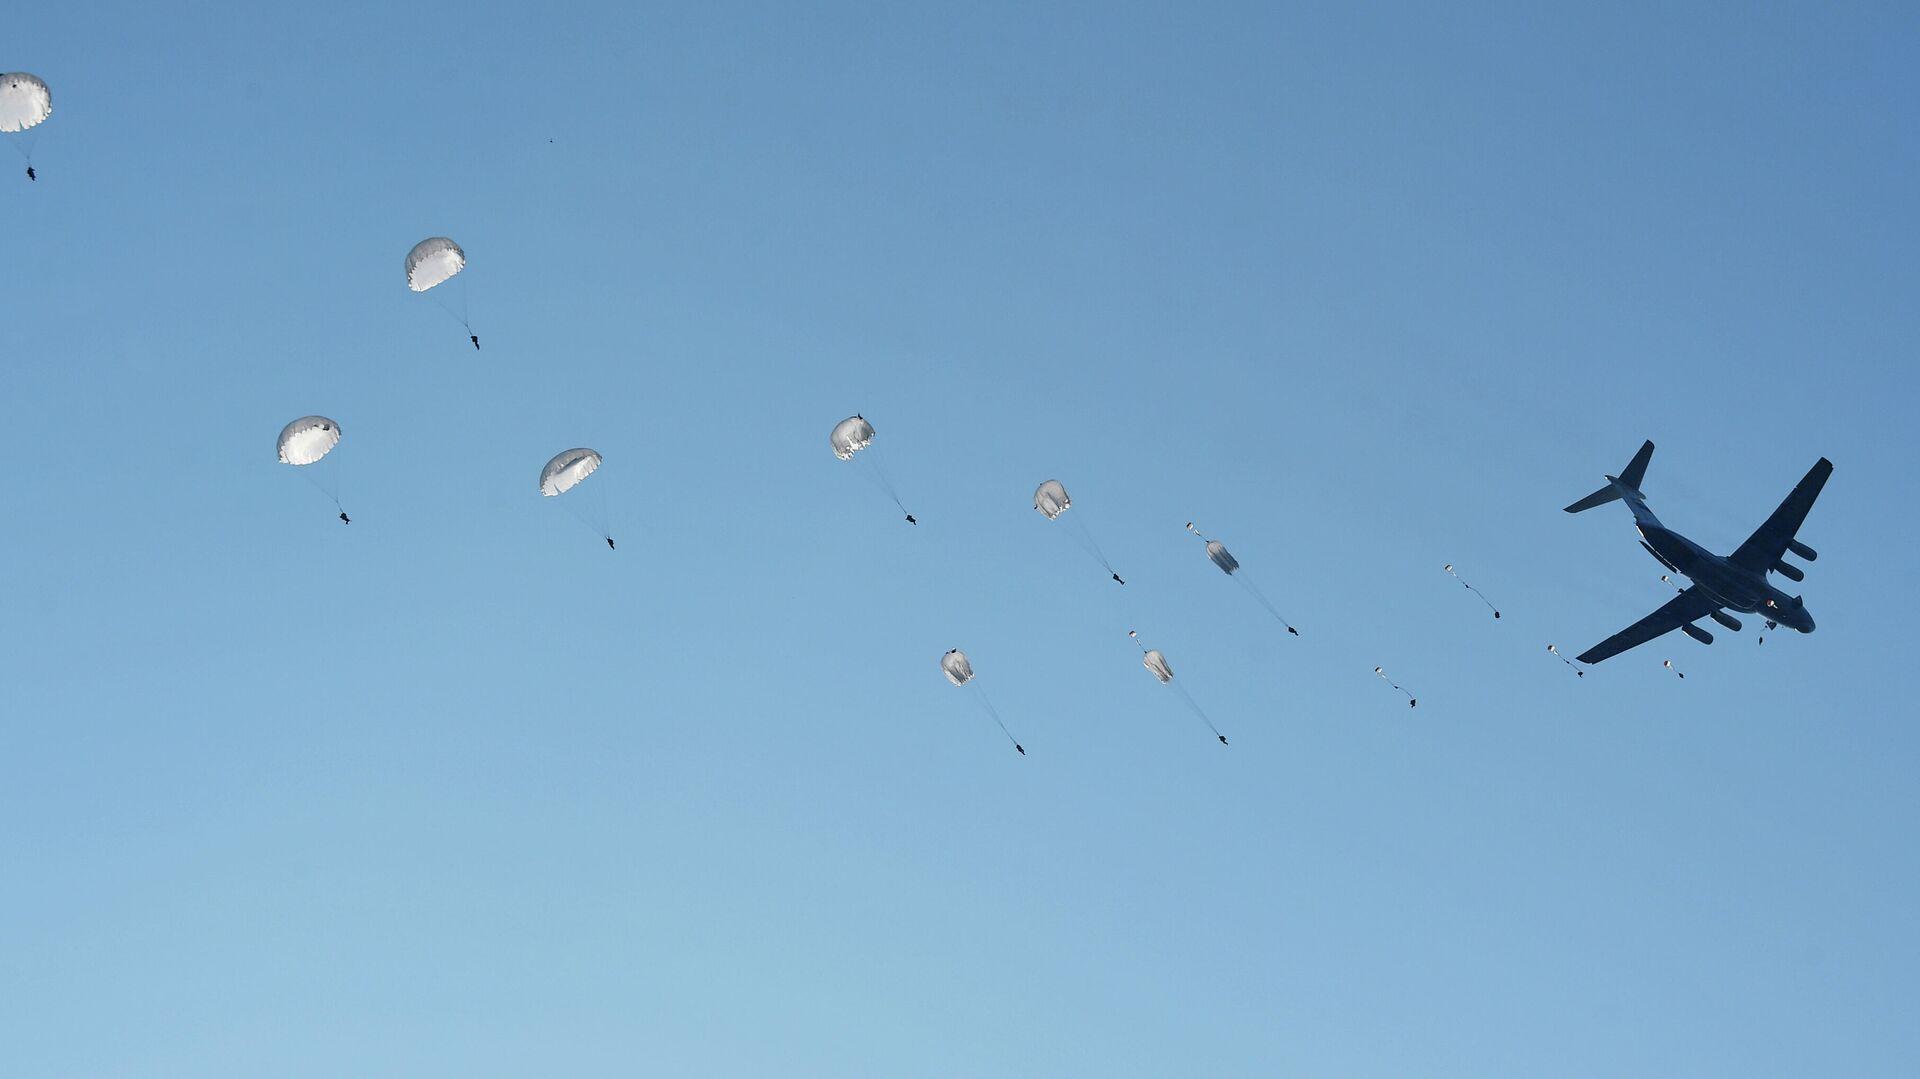 Un salto de los paracaidistas de las Fuerzas Aerotransportadas de Rusia - Sputnik Mundo, 1920, 08.03.2021